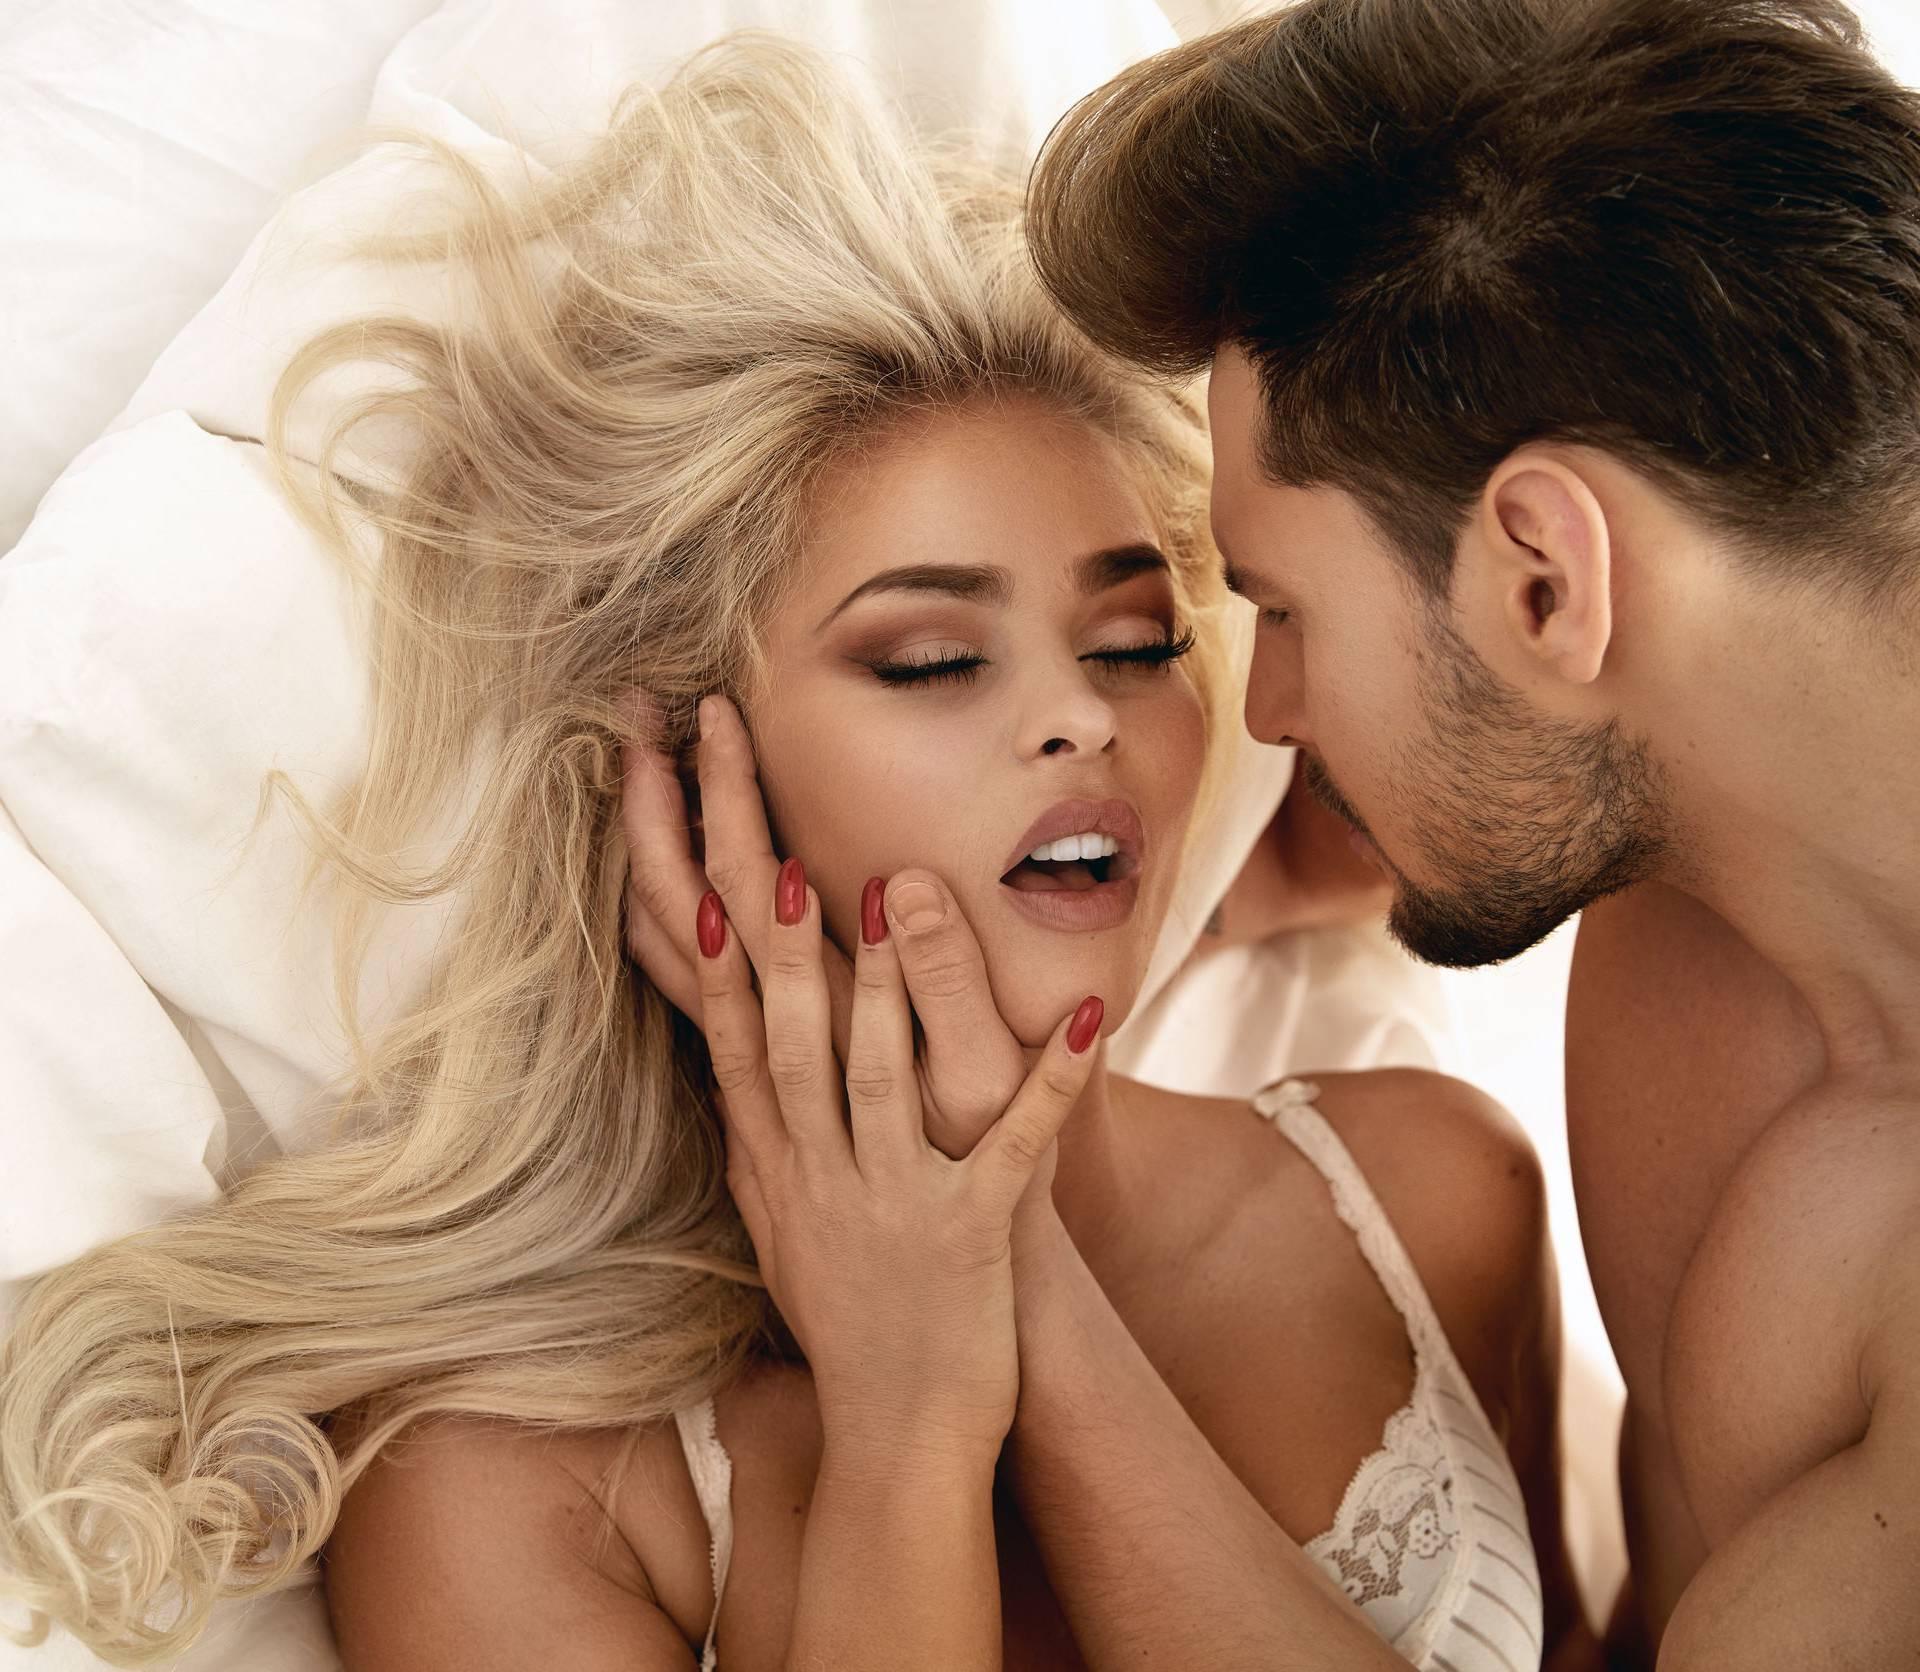 Isprobajte 'svjesni seks': S njim sve brige i problemi nestaju...